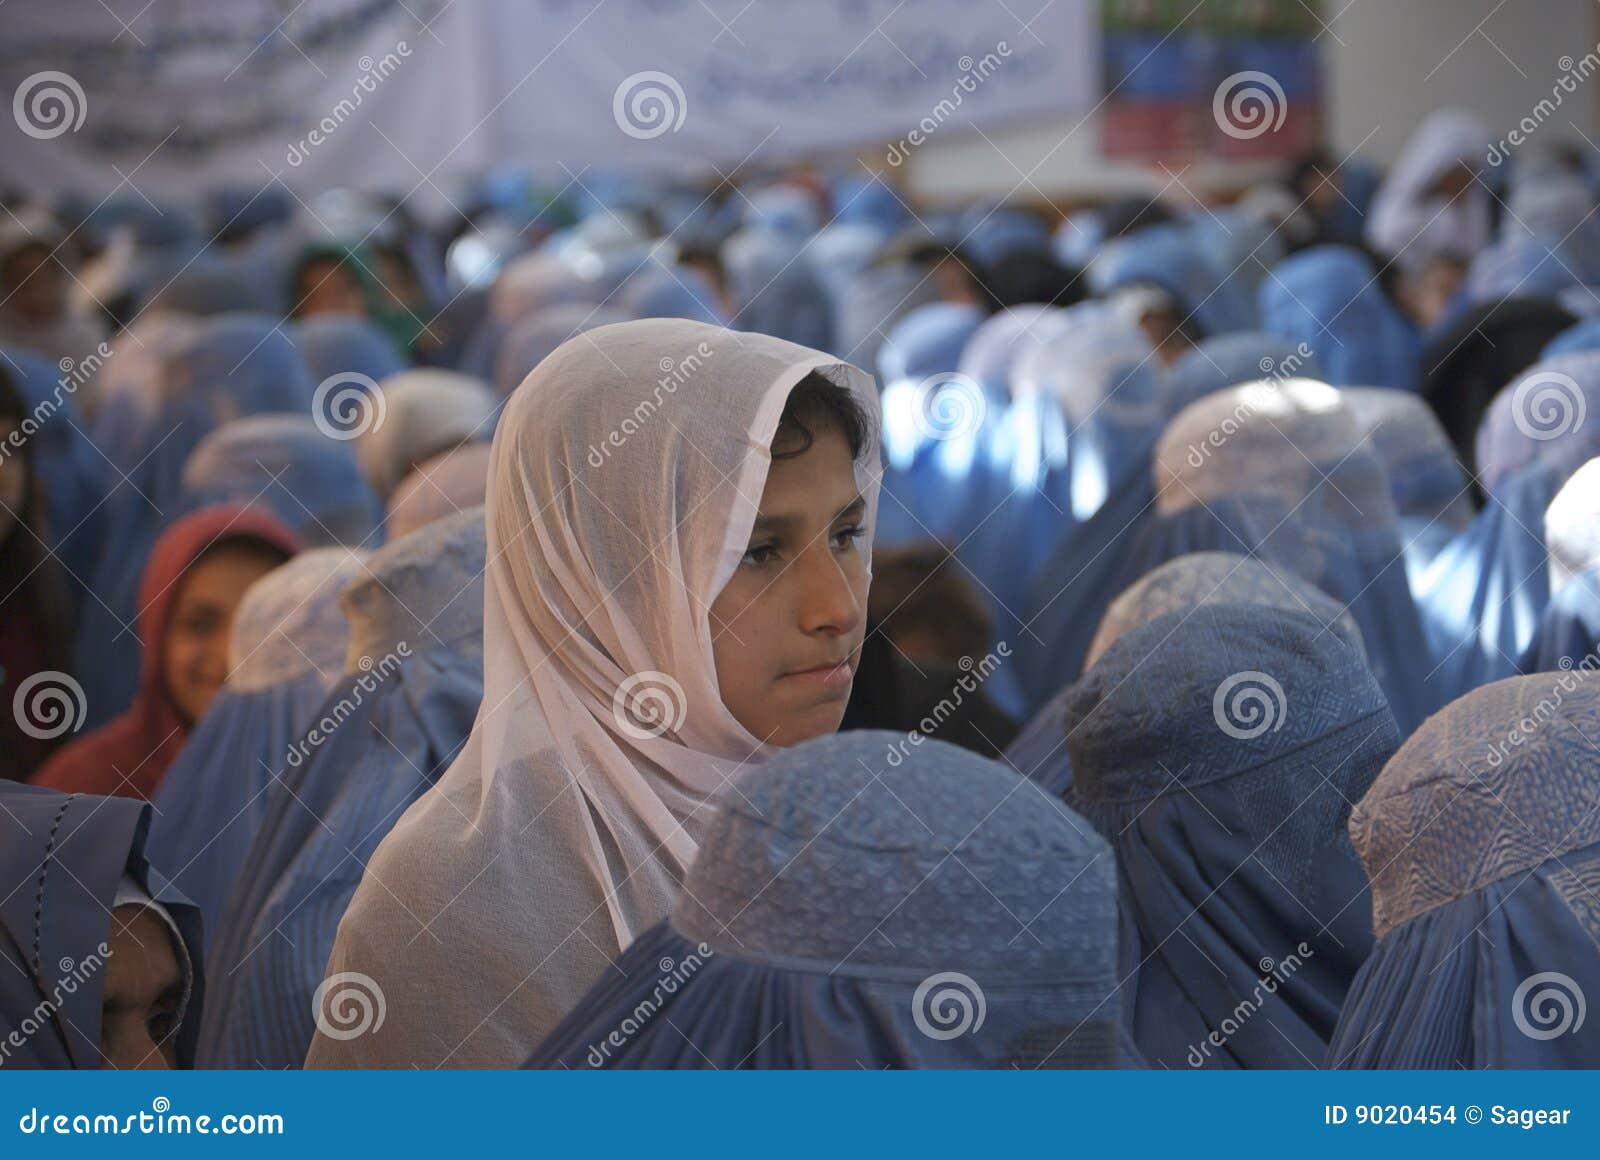 De Rechten van Afghaanse Vrouwen